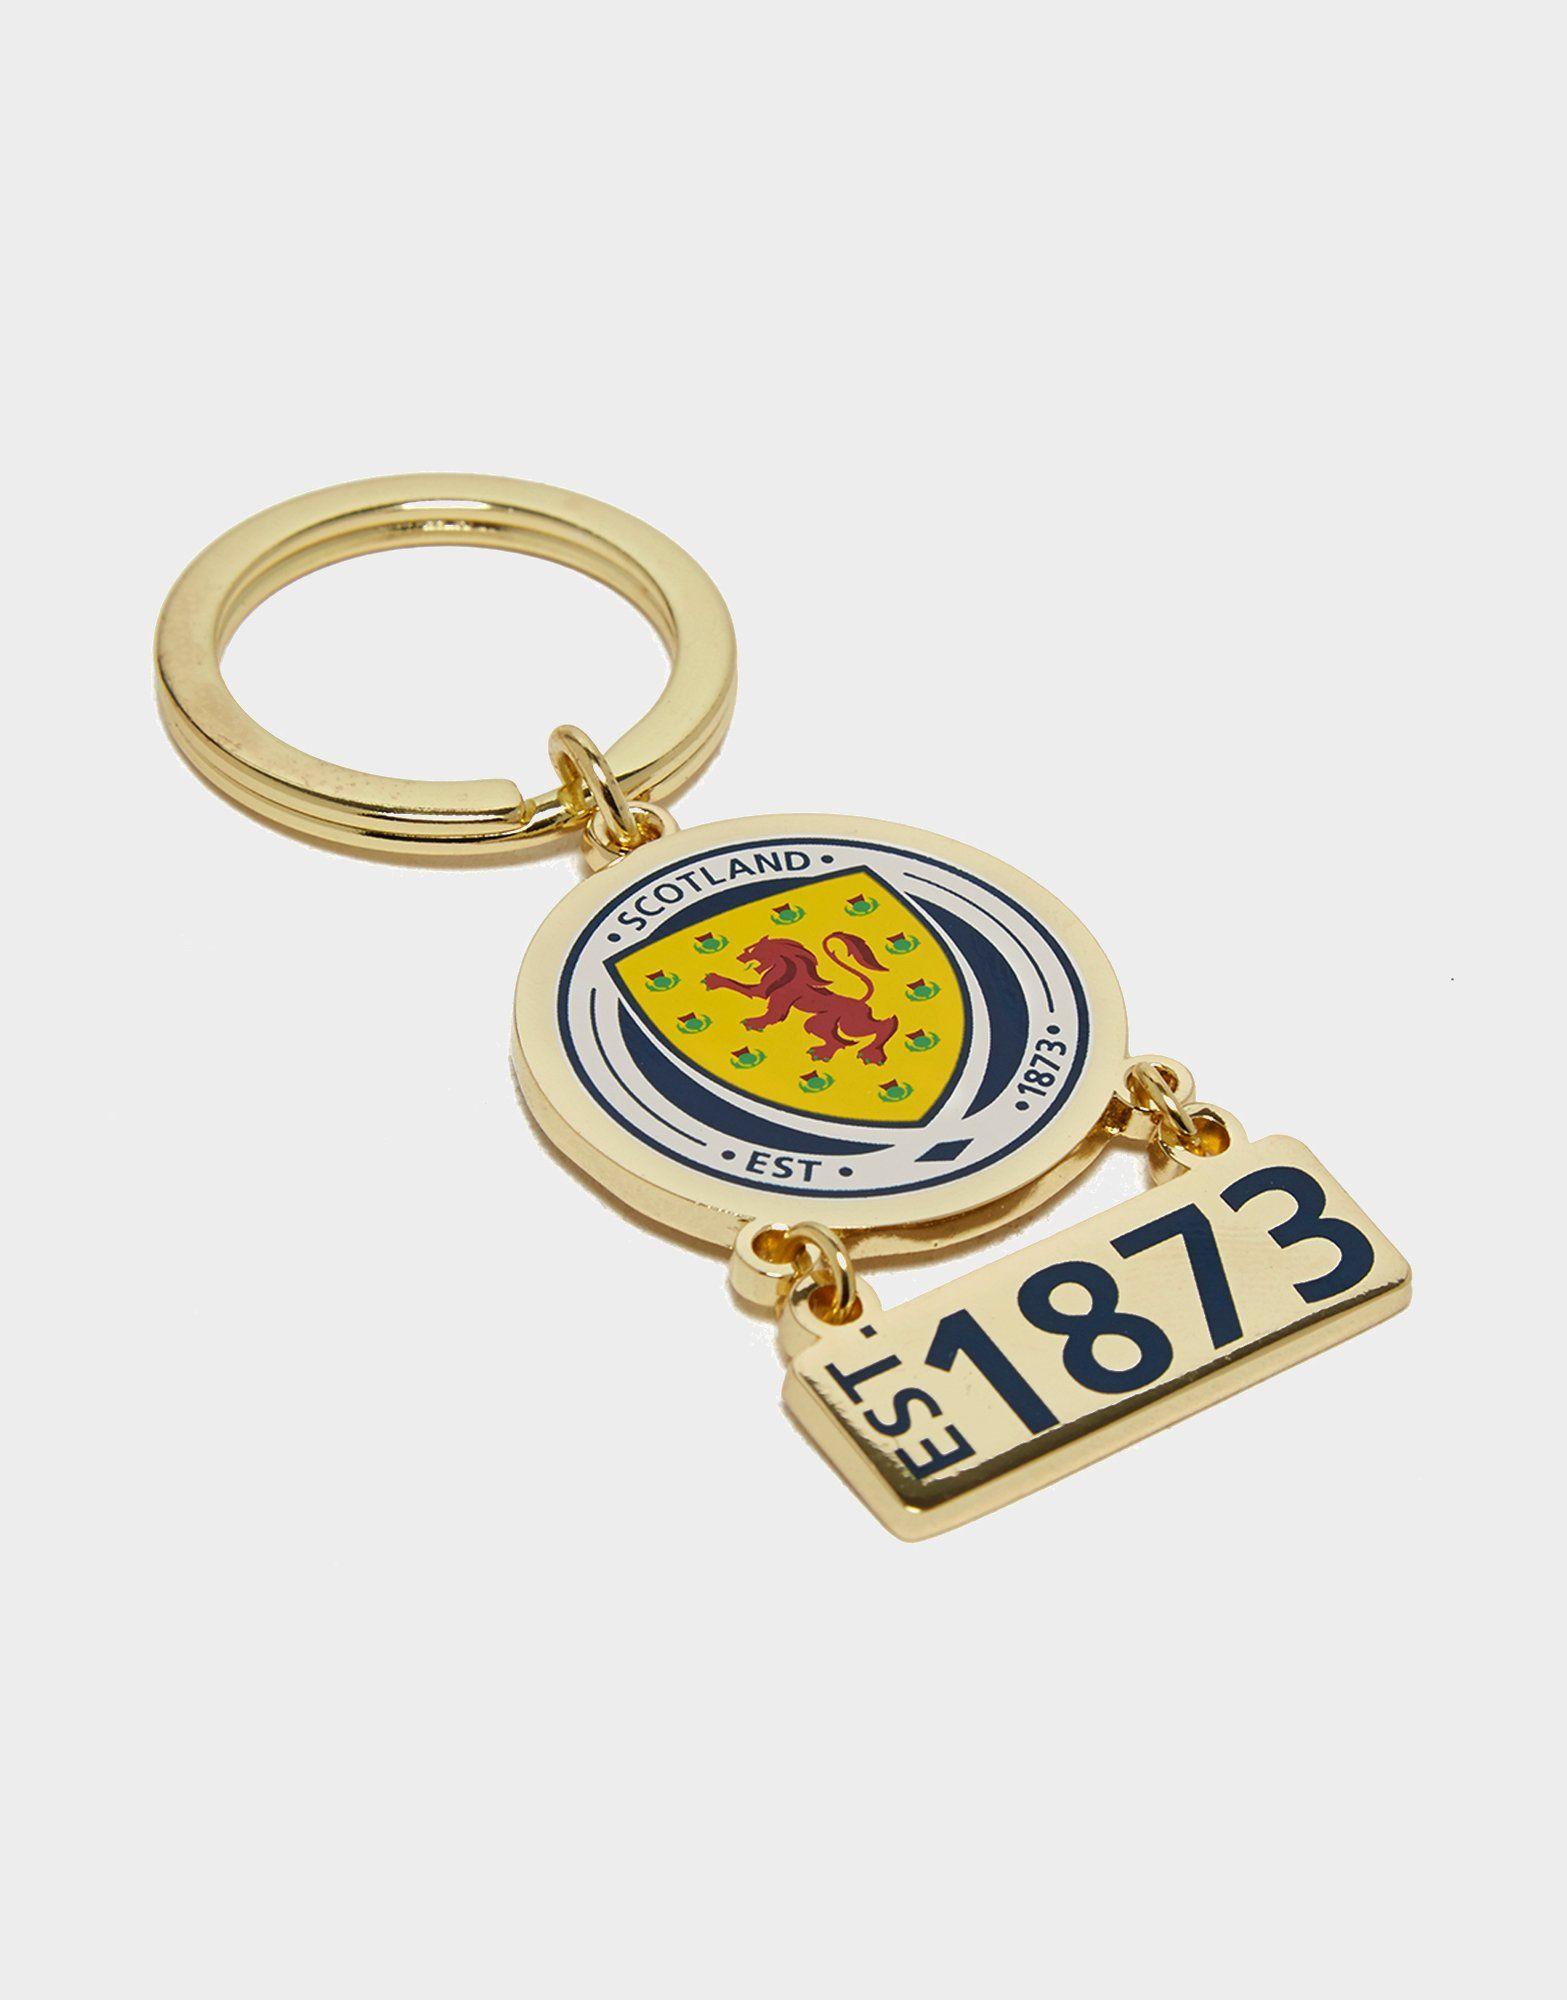 Verkauf Besten Preise Auslass Der Billigsten Official Team Schottland Swing Schlüsselanhänger Blau Webseite Zum Verkauf Outlet Neuesten Kollektionen Billig Verkauf Bestes Geschäft Zu Bekommen 60DtSq9